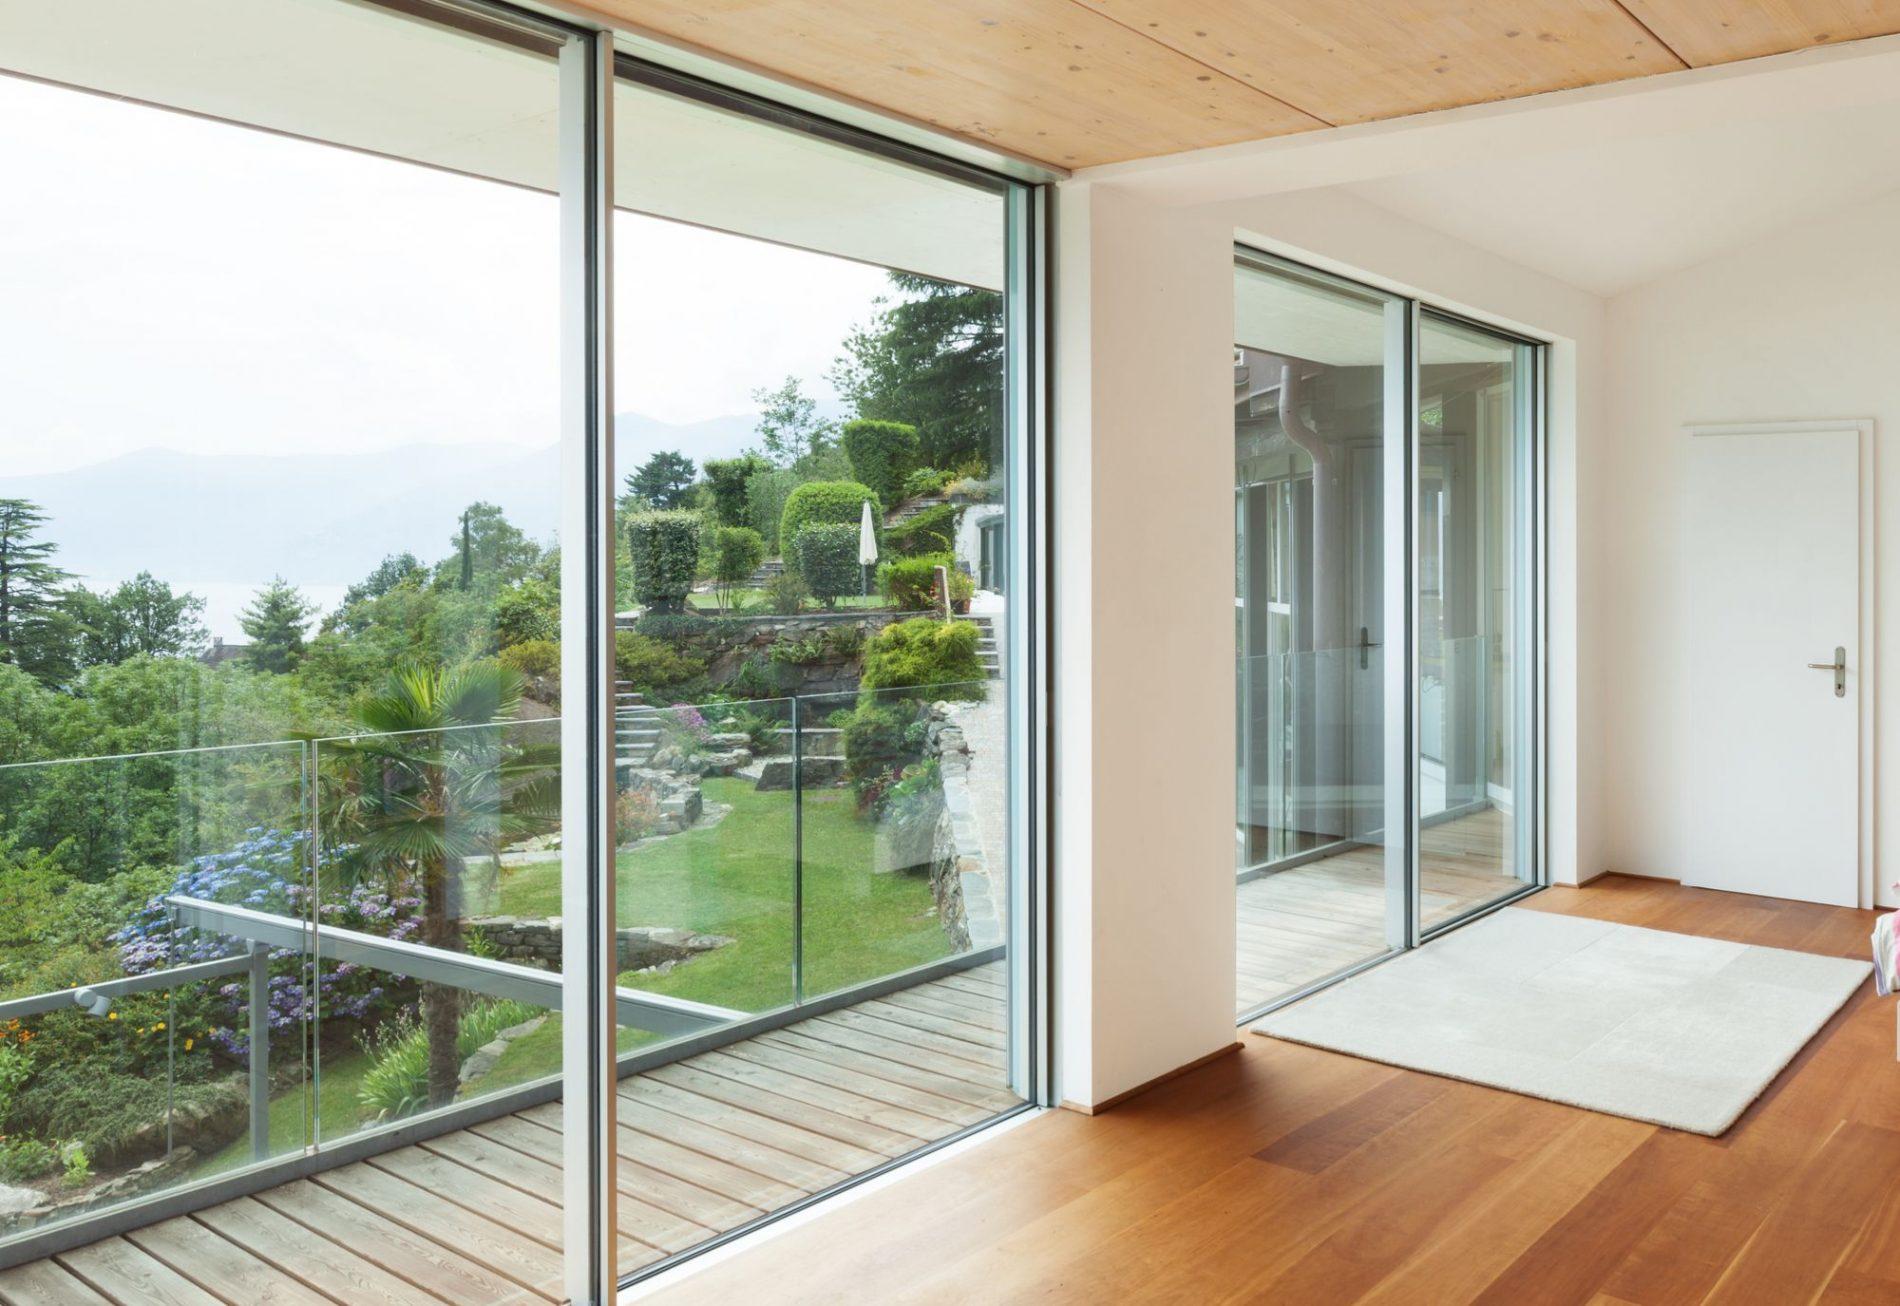 Combien Coute Une Baie Vitrée A Galandage quel portes et fenêtres choisir pour une maison adaptée?